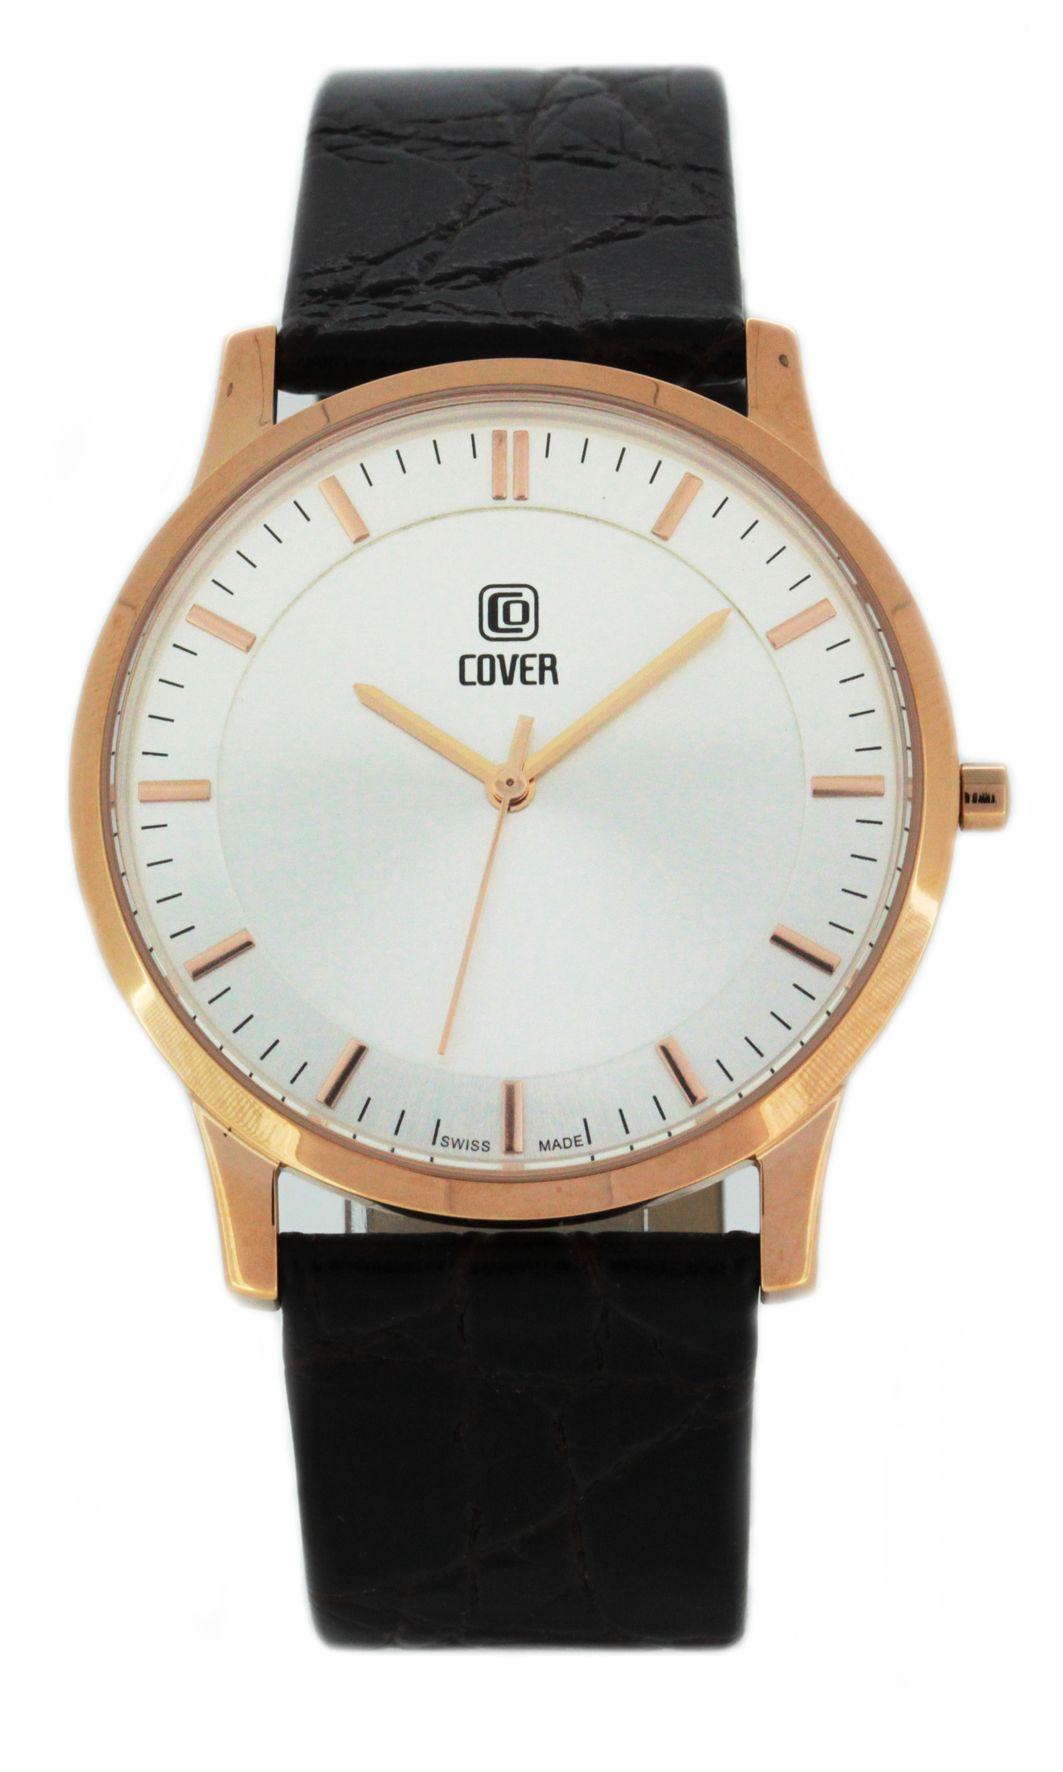 Мужские часы наручные комплект браслет к часам orient купить